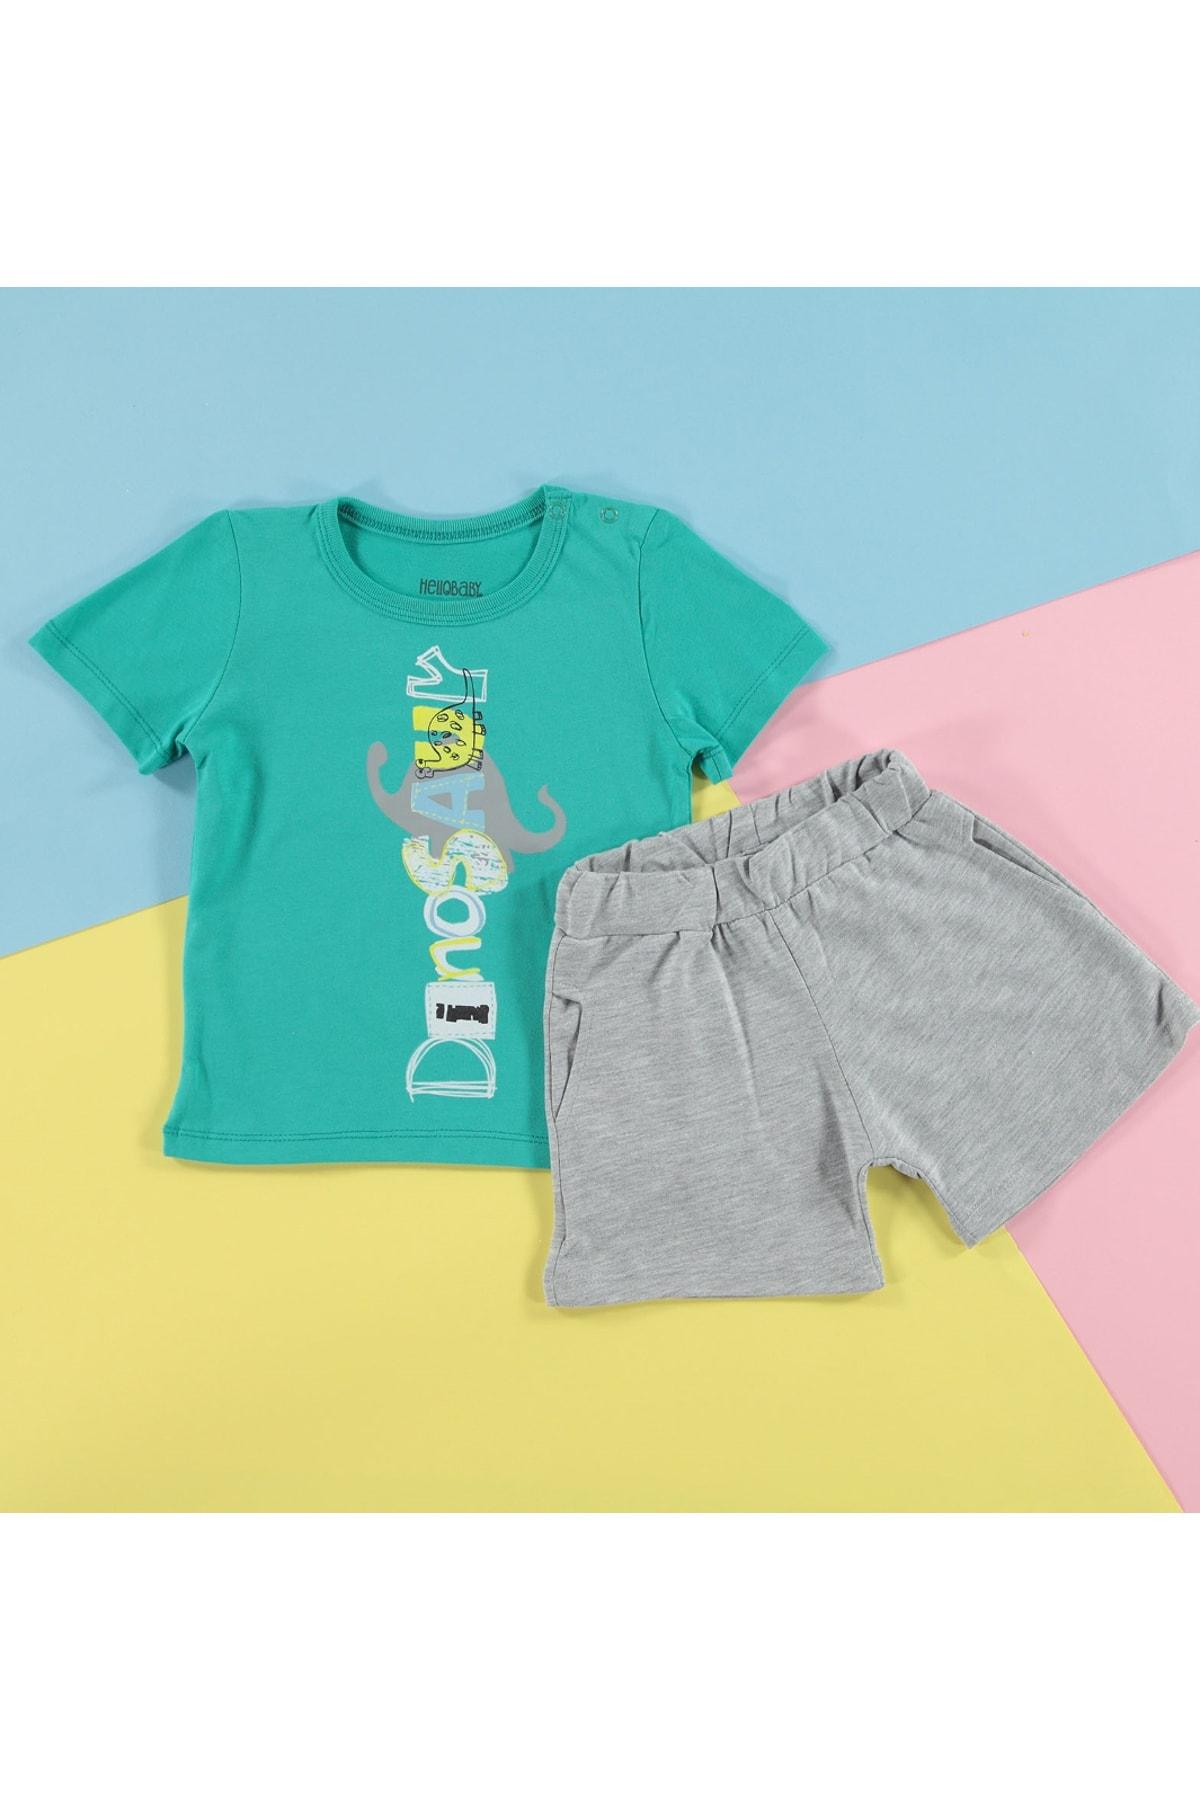 HelloBaby Yaz Erkek Bebek Küçük Dinozor Tema Tshirt-Şort Takım 1